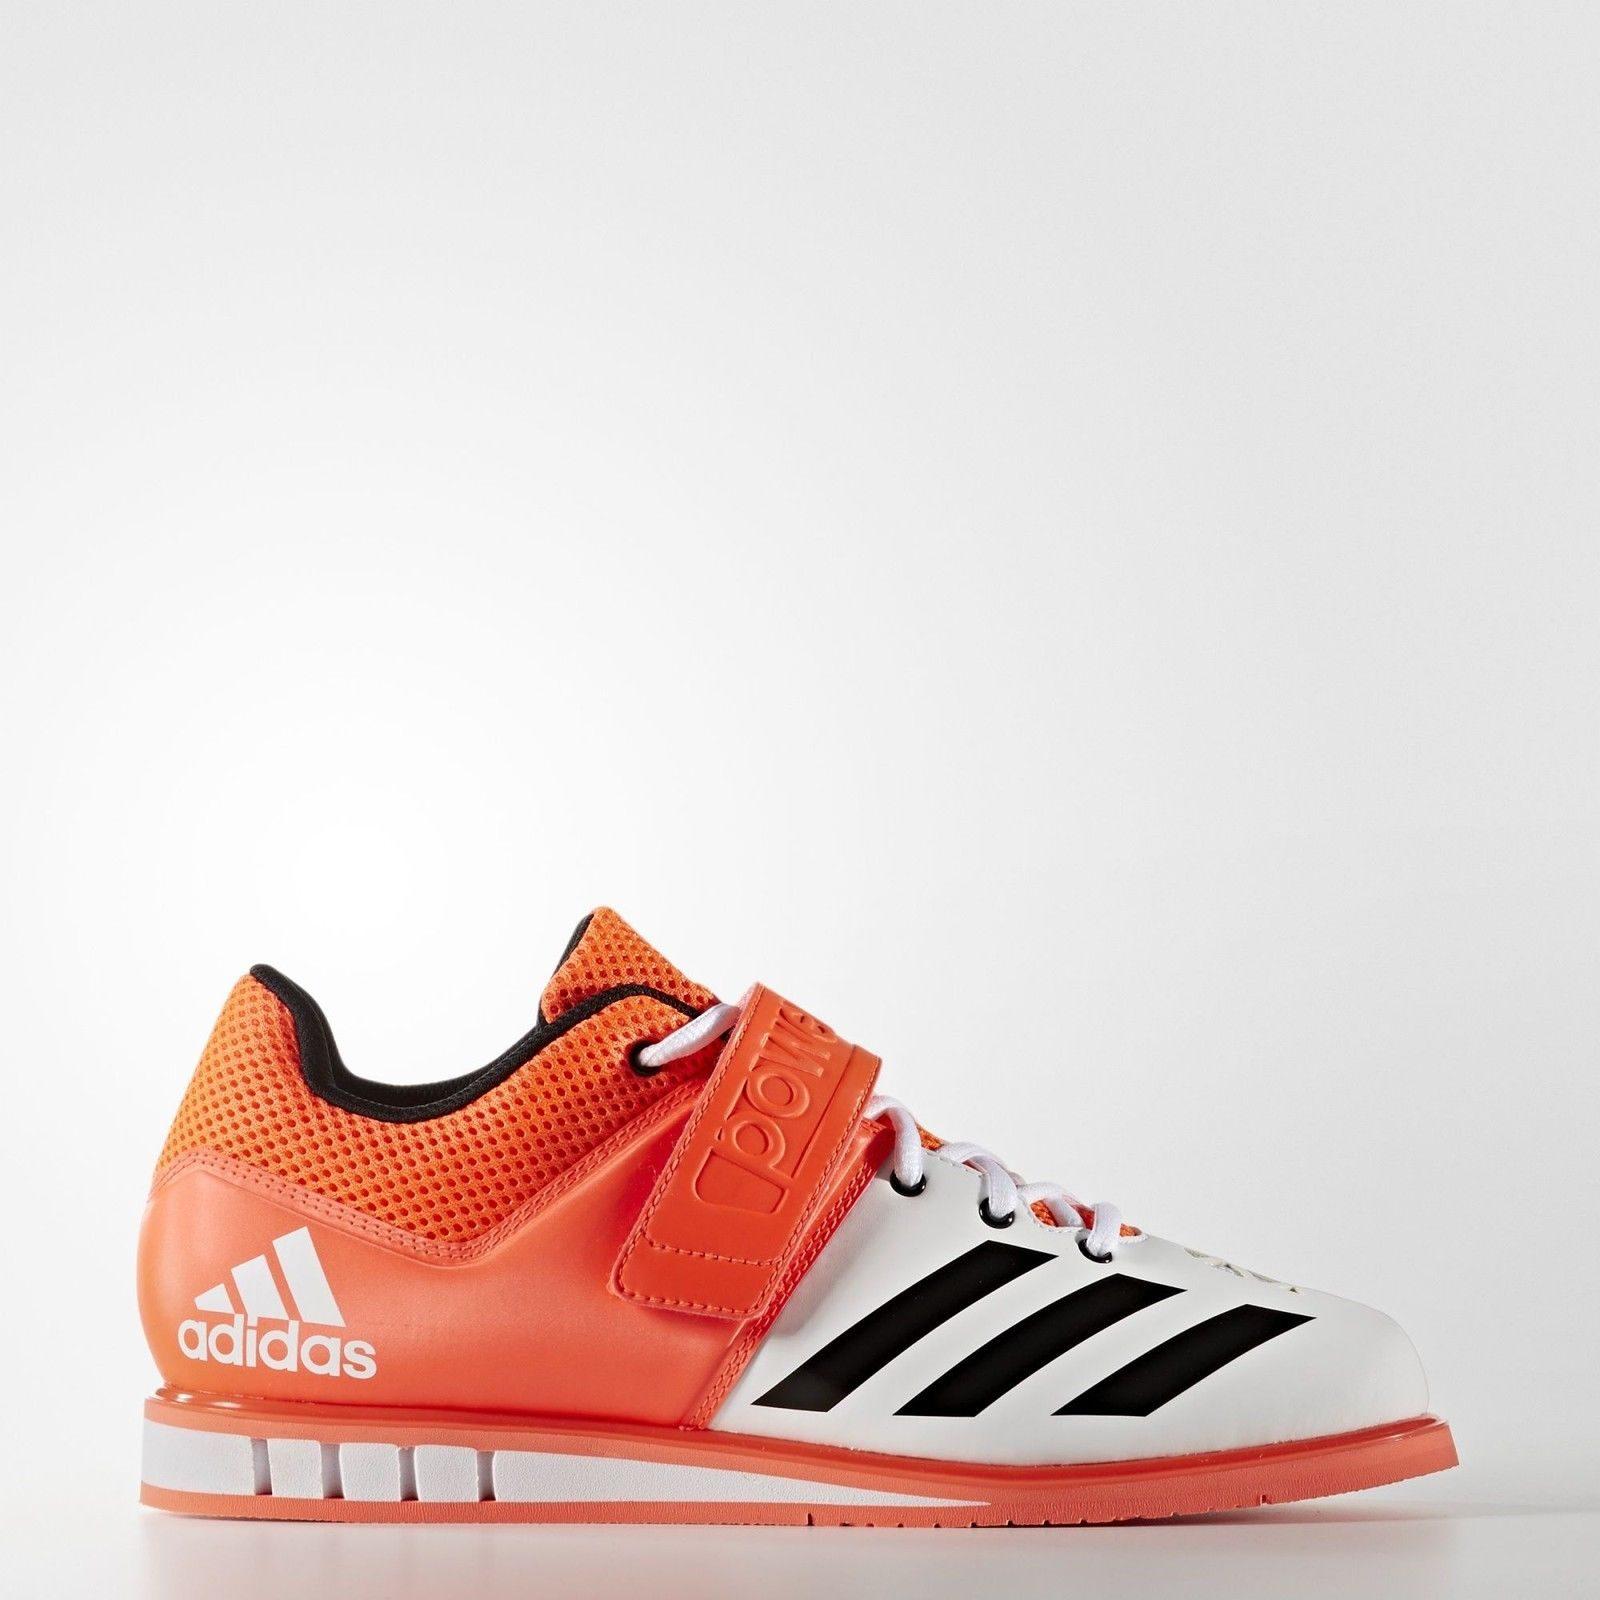 נעל אדידס לגבר adidas Powerlift.3